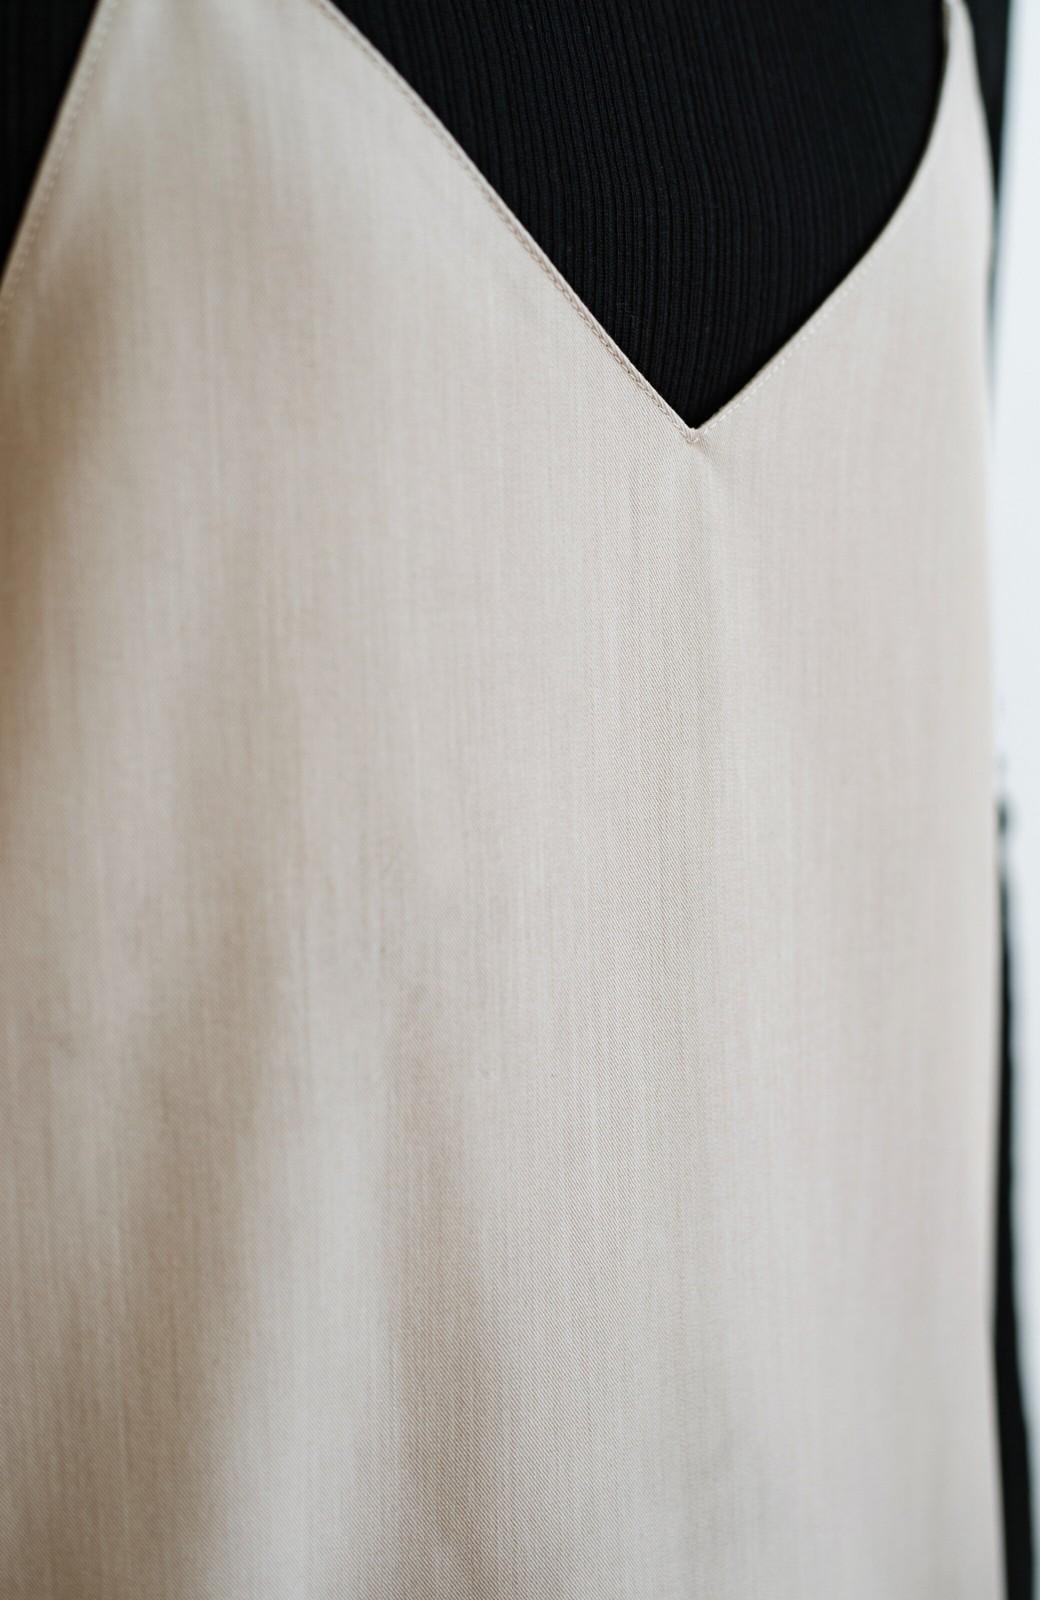 haco! オールシーズン活躍!Iラインシルエットで華奢見えする女っぽキャミワンピース <グレイッシュベージュ>の商品写真5